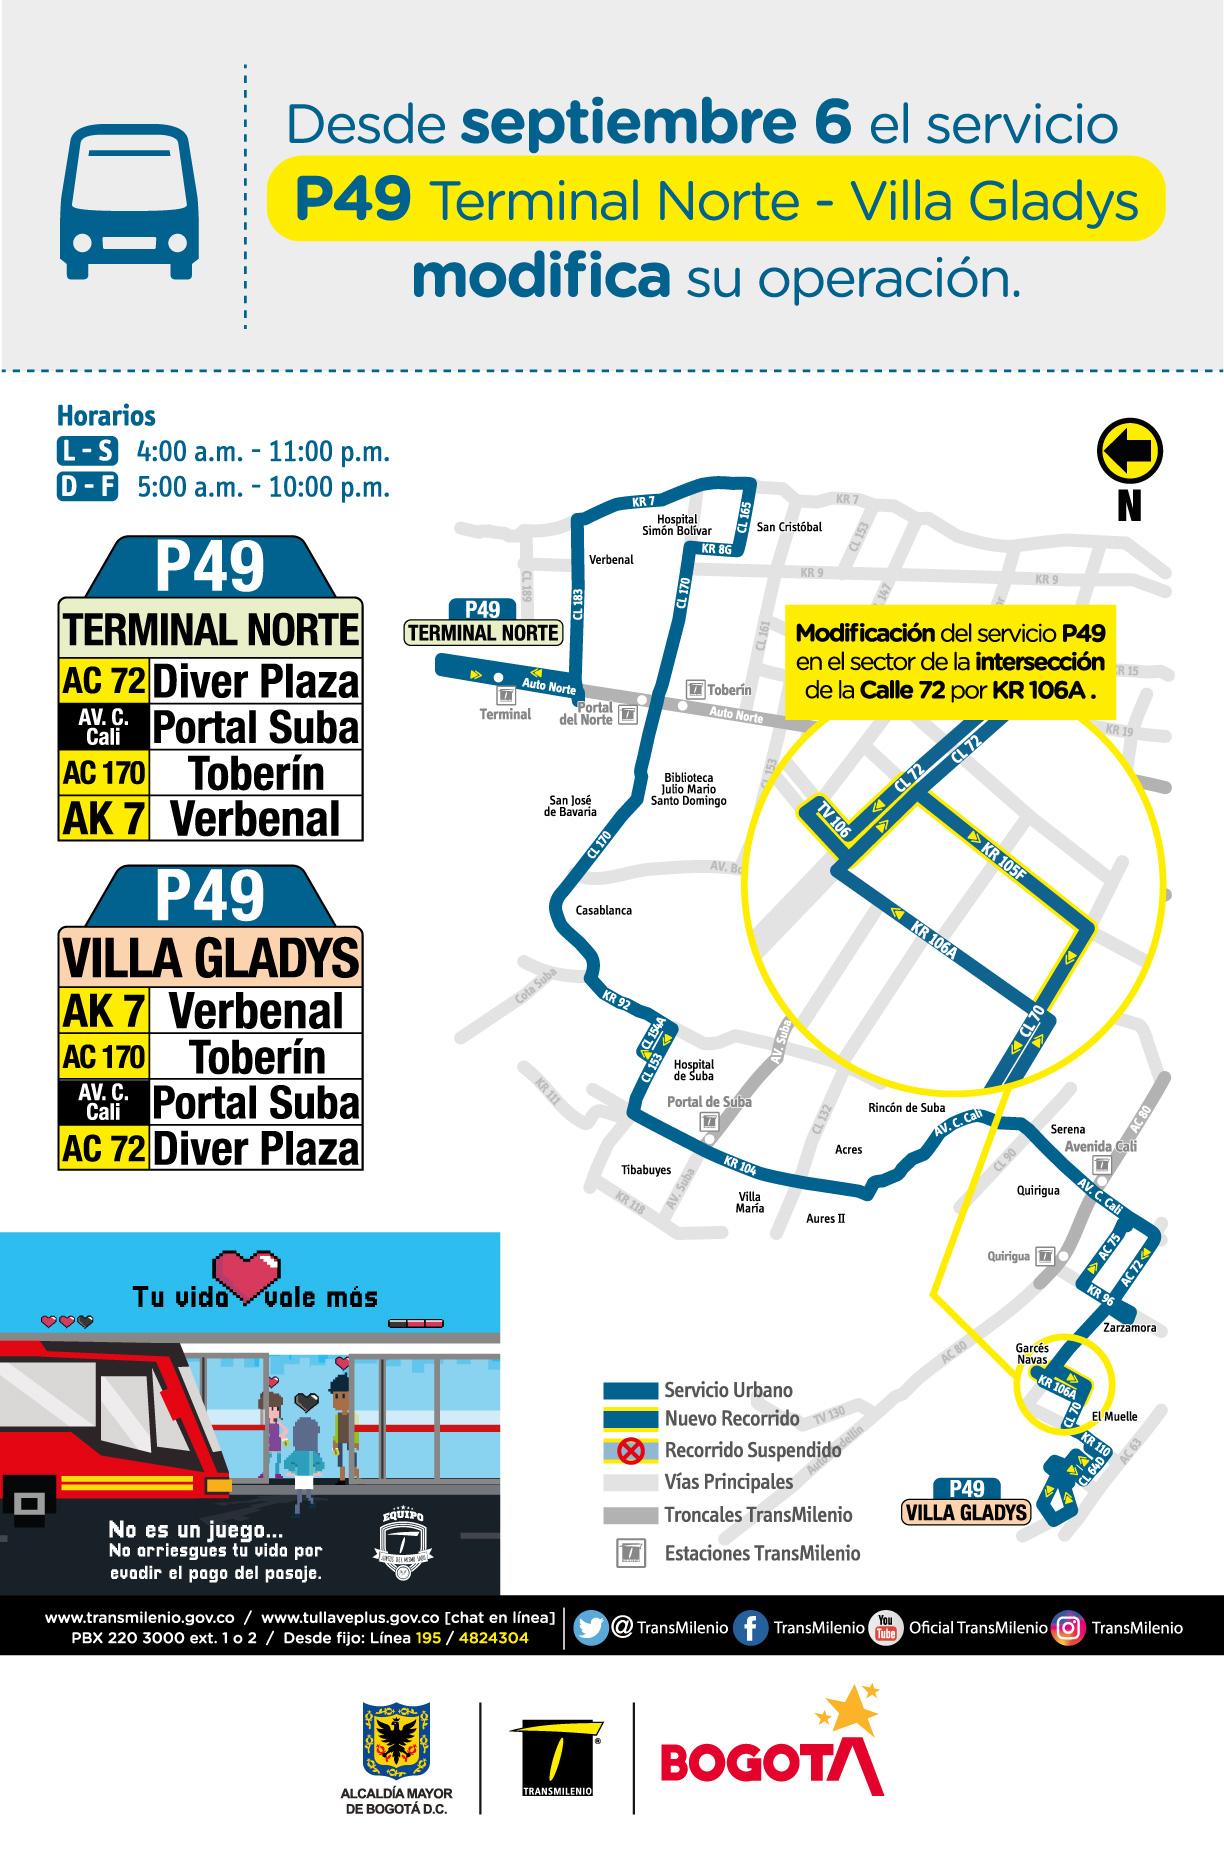 P49 Terminal Norte - Villa Gladys